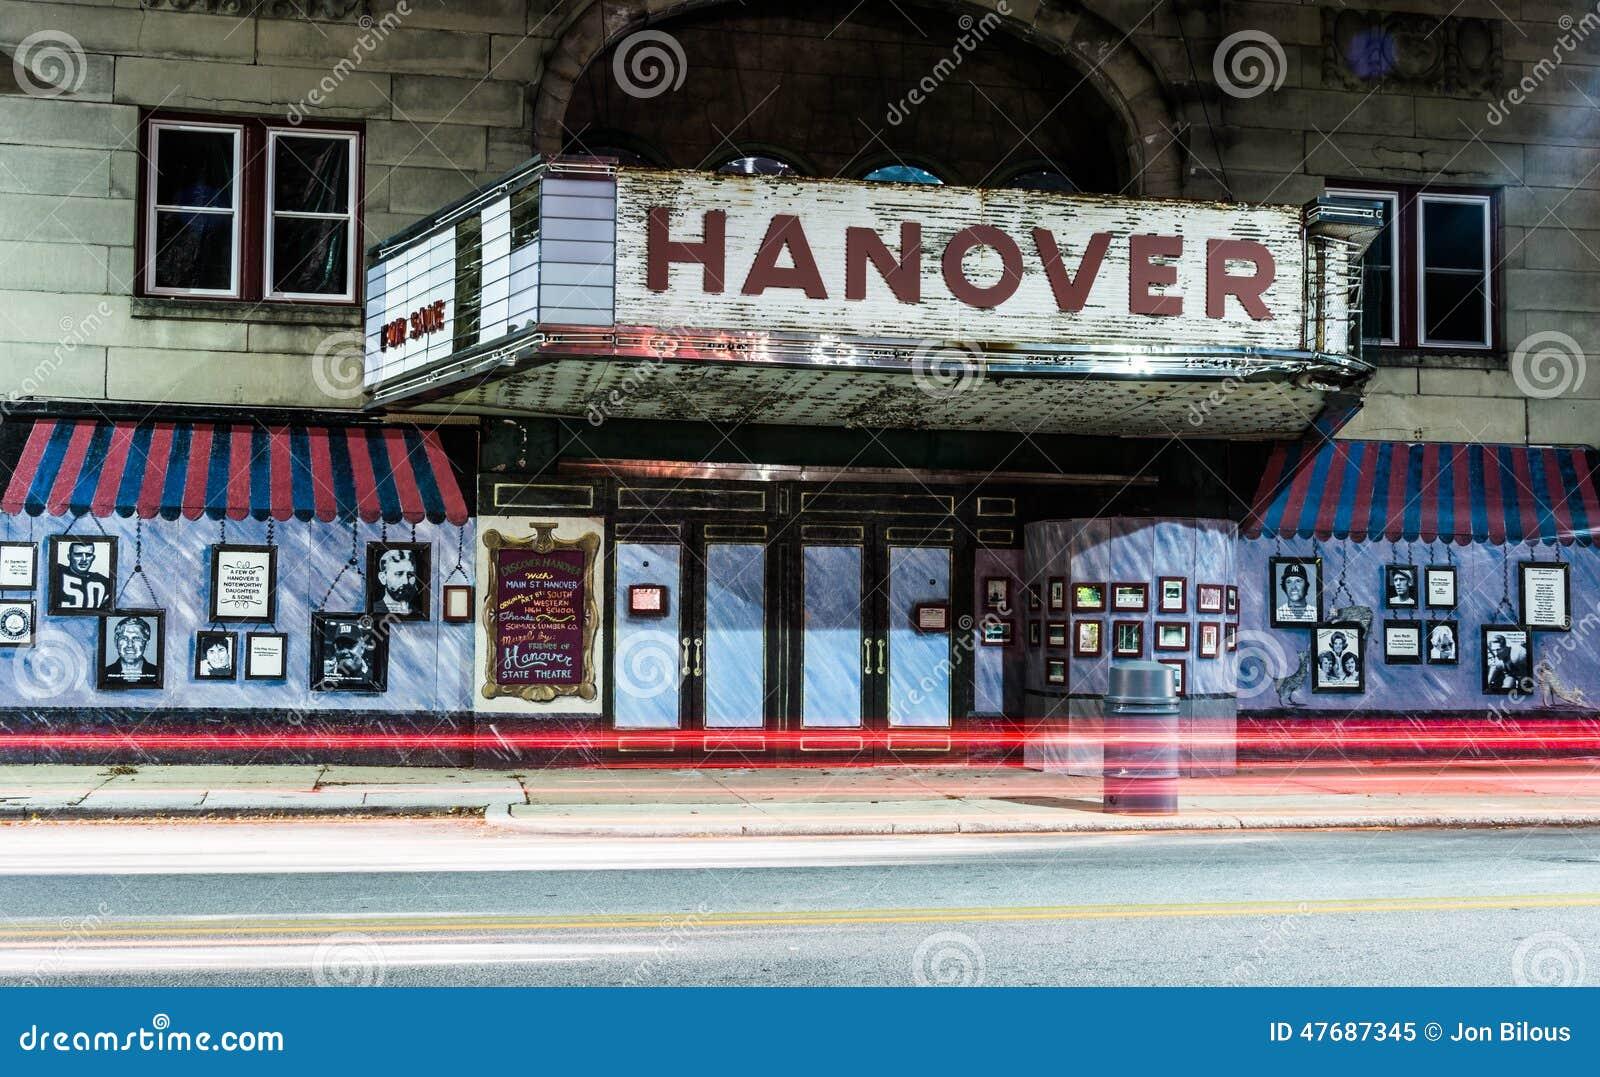 Kino Hanover